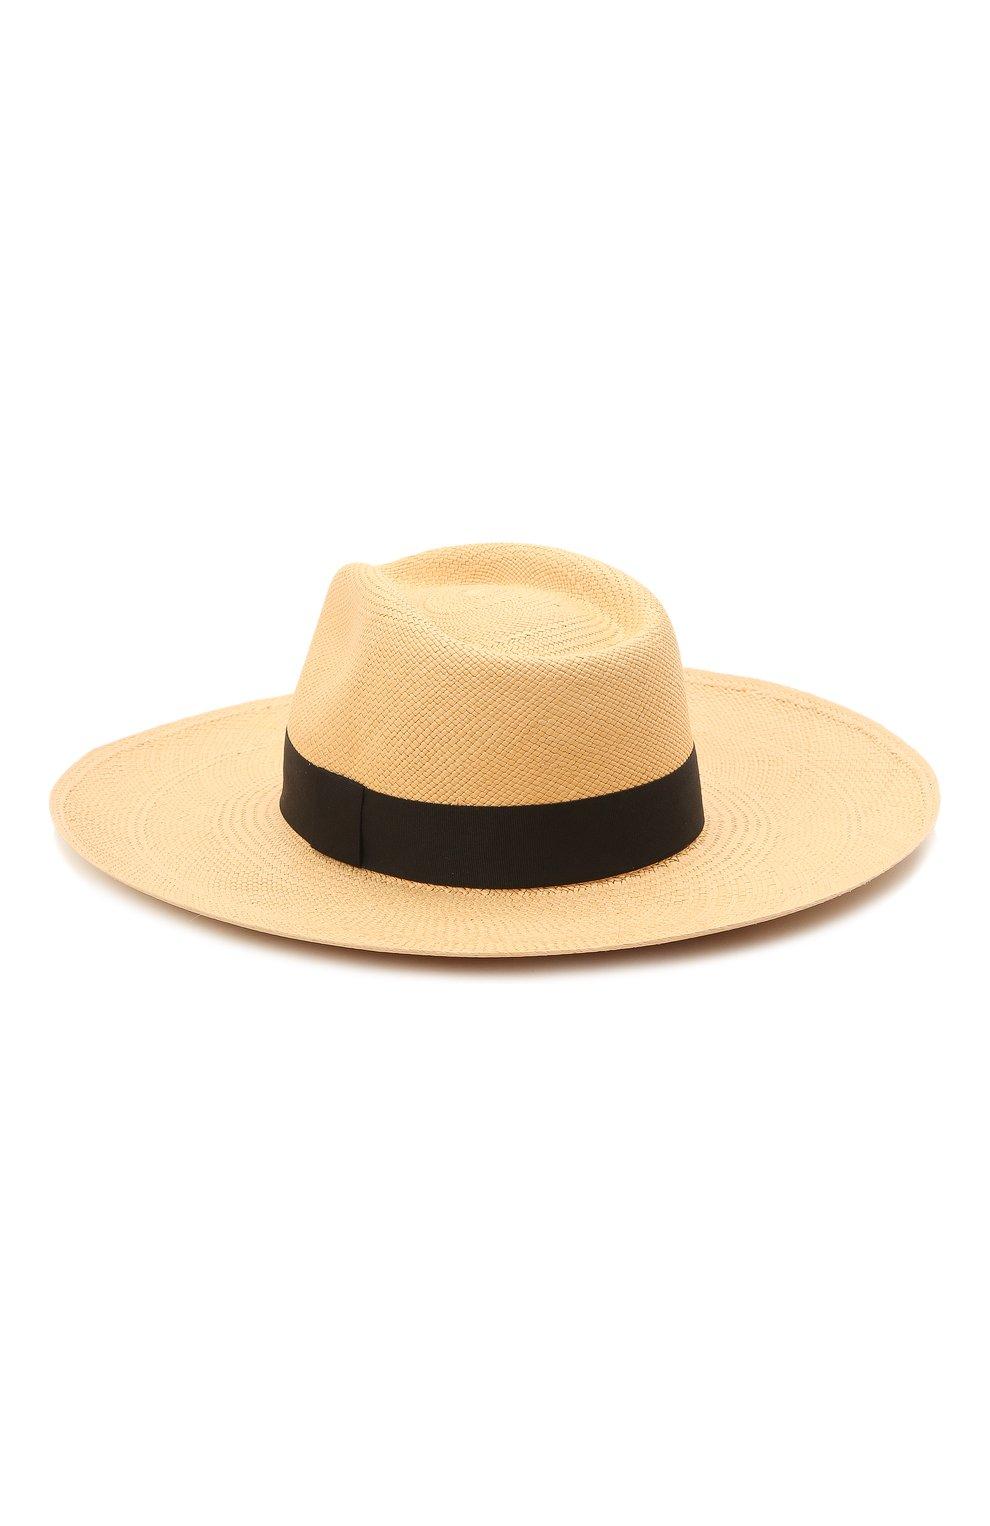 Женская шляпа fedora COCOSHNICK HEADDRESS бежевого цвета, арт. Fedorastraw | Фото 2 (Материал: Растительное волокно)